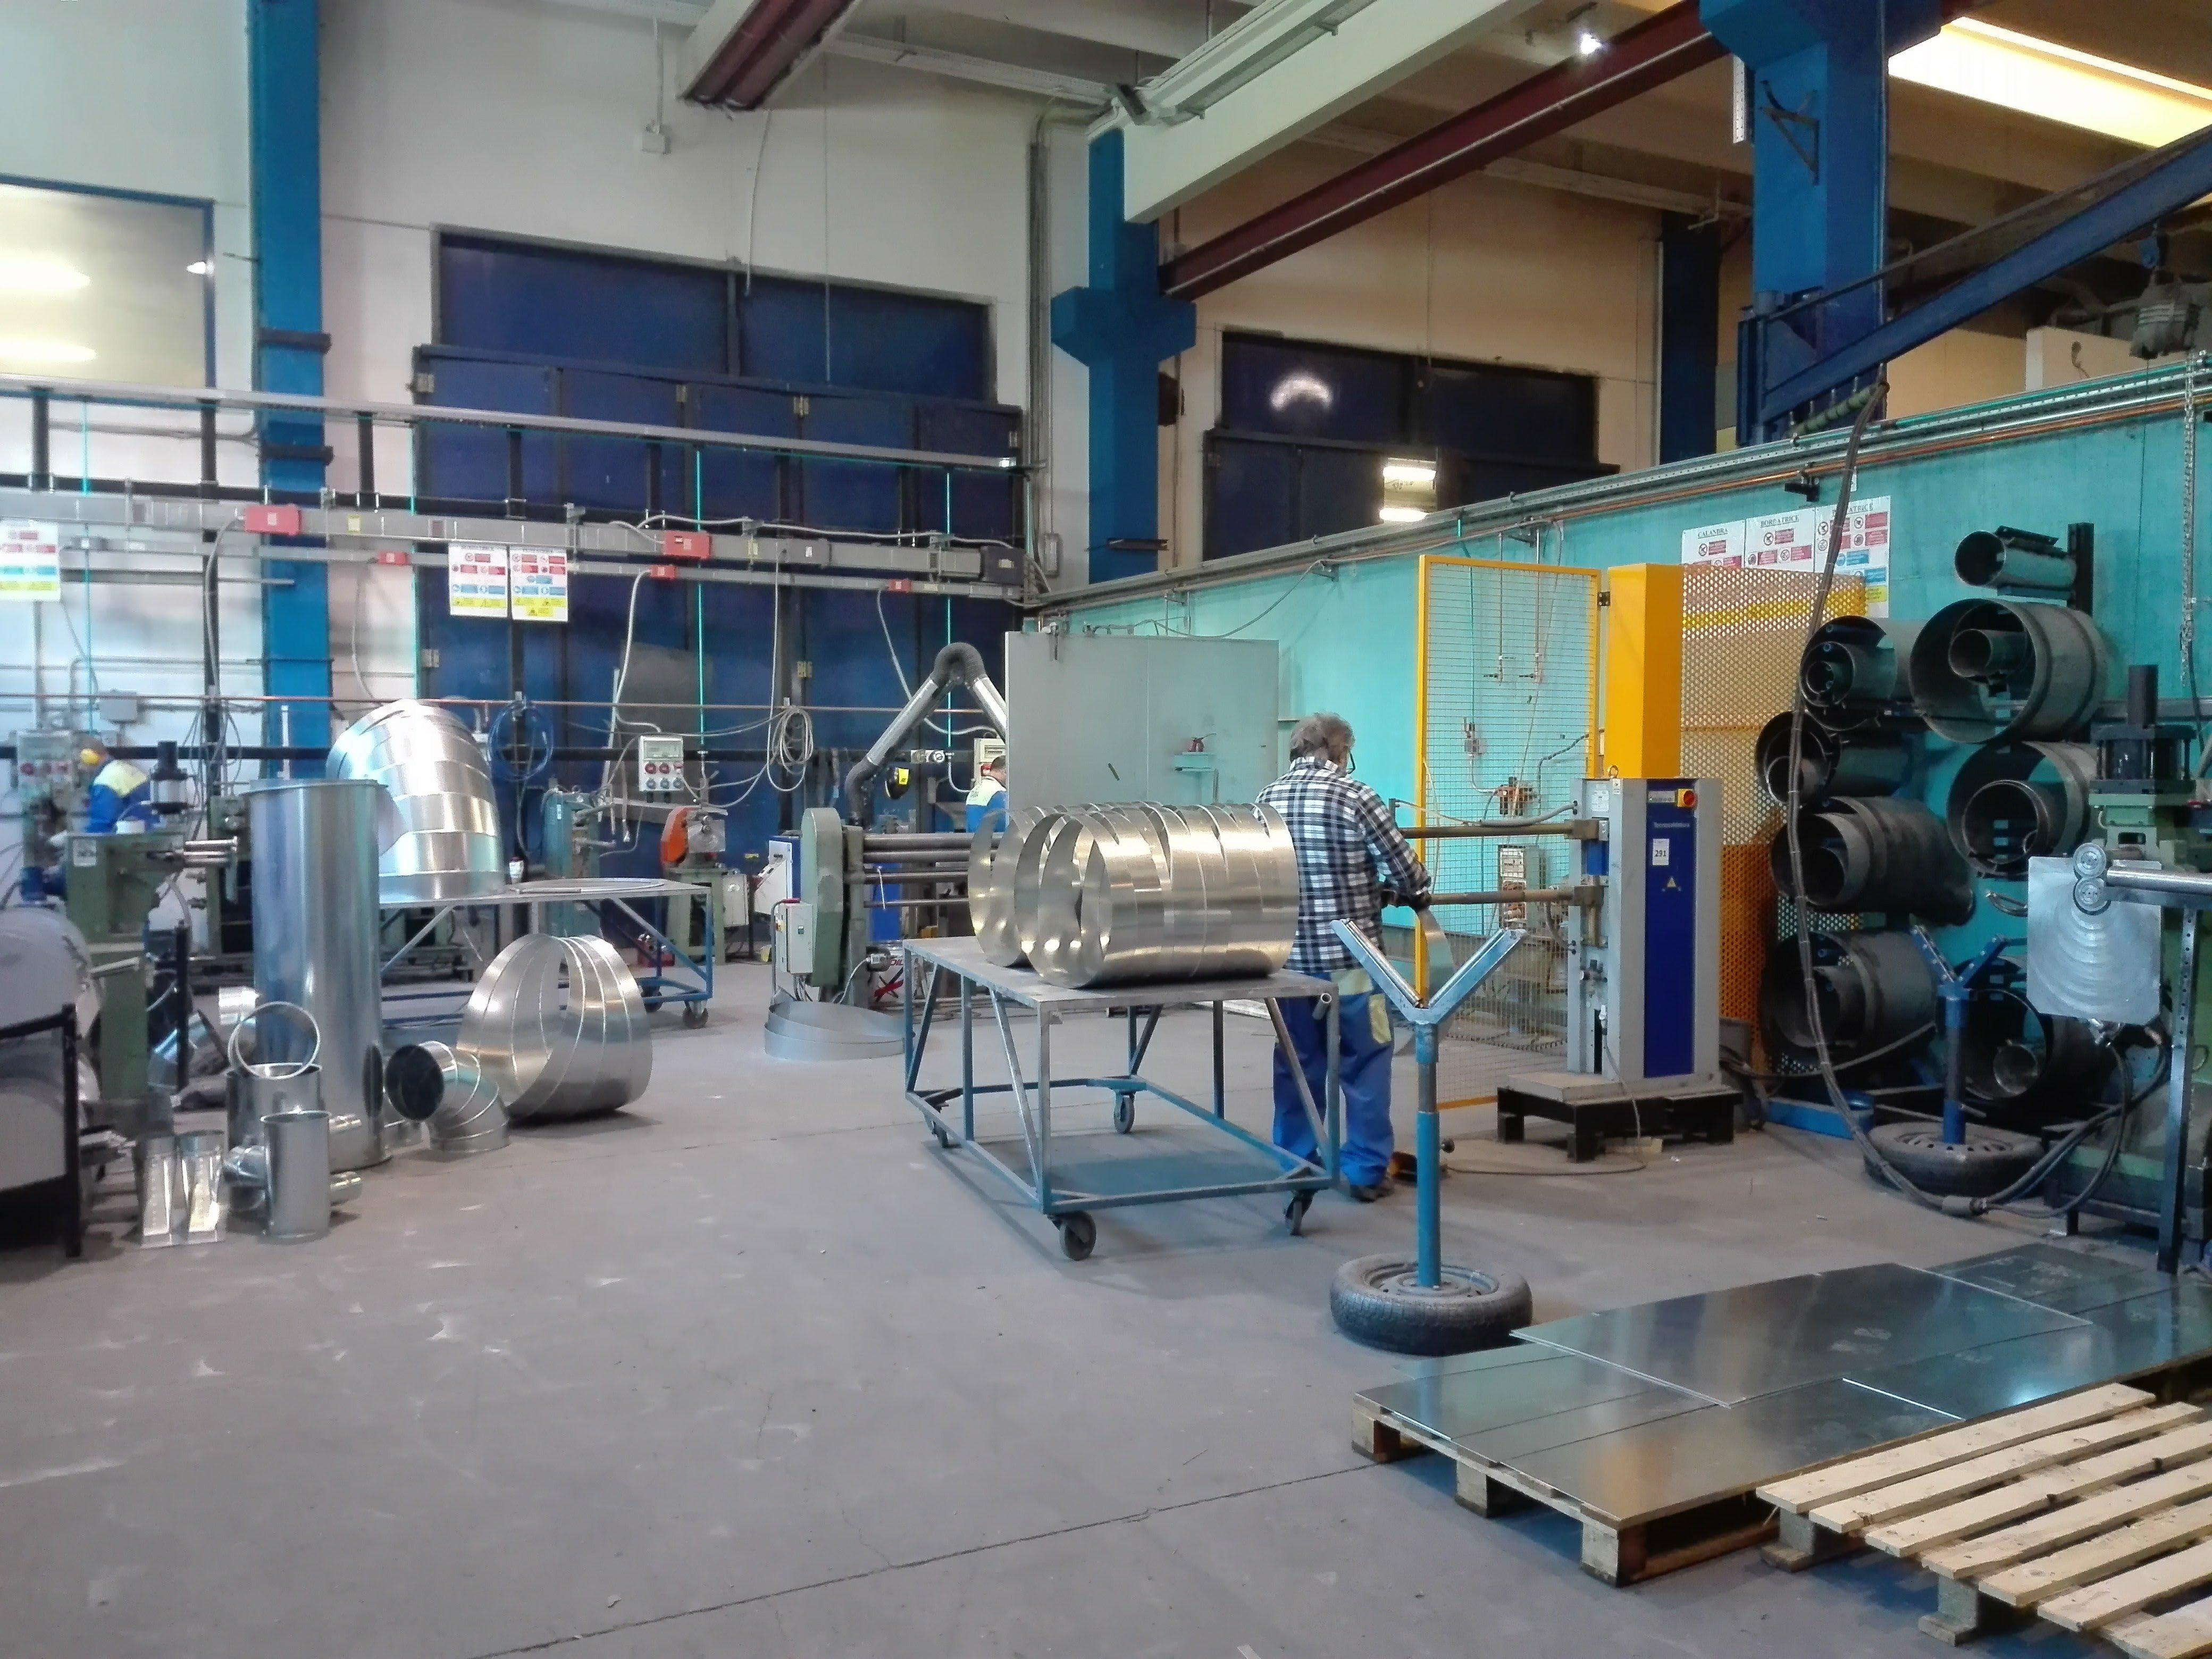 operaio metre lavora in magazzino di impianto